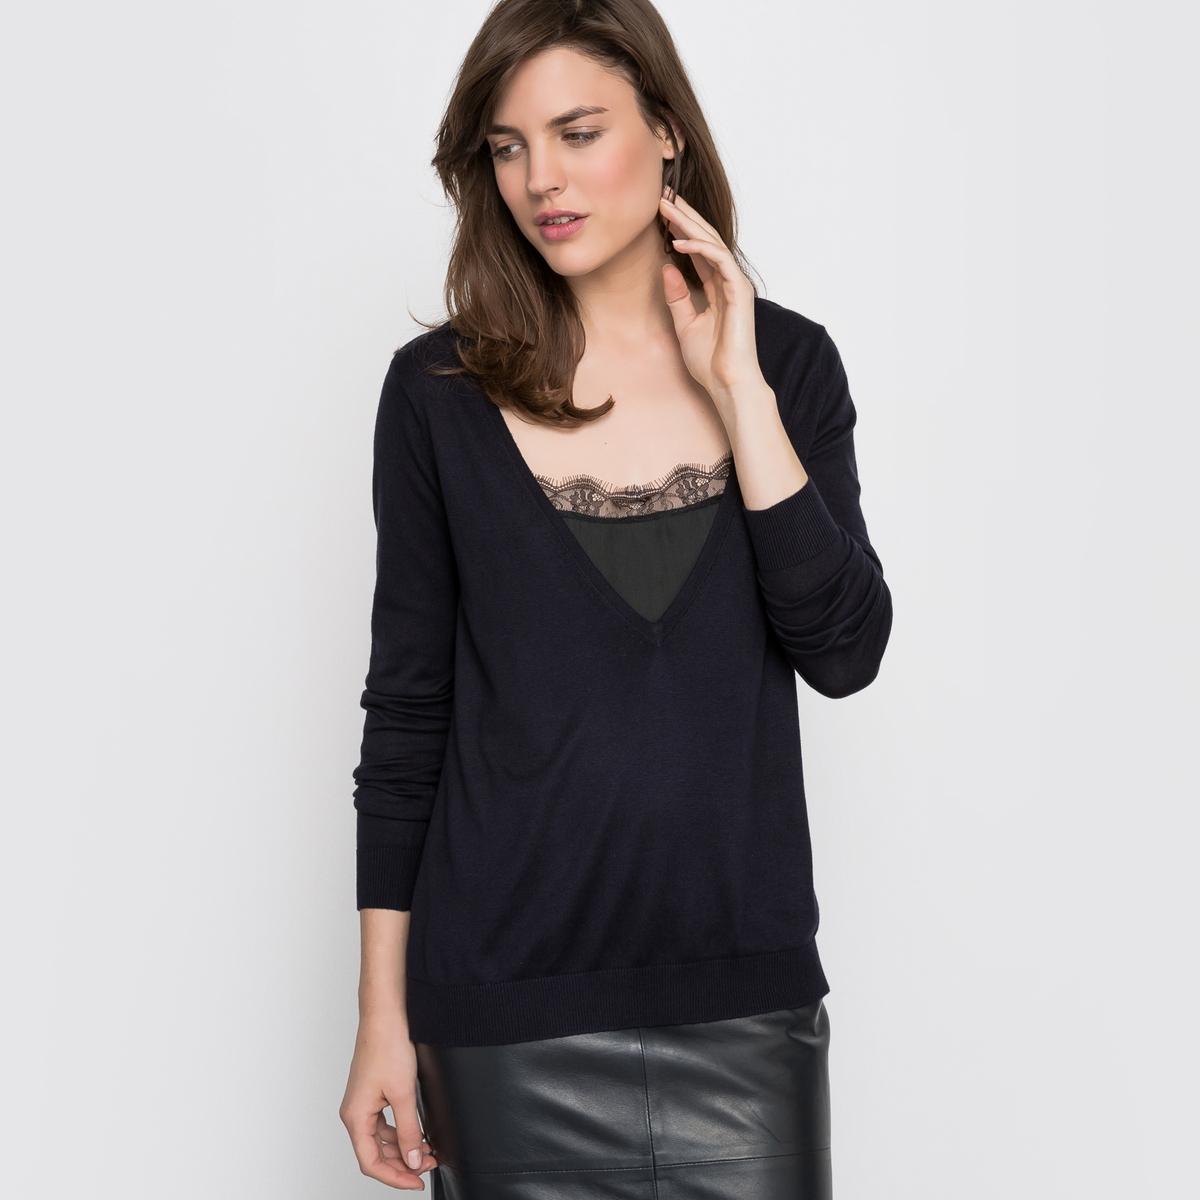 Пуловер с длинными рукавами 2 в 1Данный товар отмечен знаком качества BEST. Это изделие отличается высоким качеством благодаря элегантности материалов и изящности отделки и покроя.<br><br>Цвет: серый меланж,темно-синий,черный<br>Размер: 38/40 (FR) - 44/46 (RUS).38/40 (FR) - 44/46 (RUS)